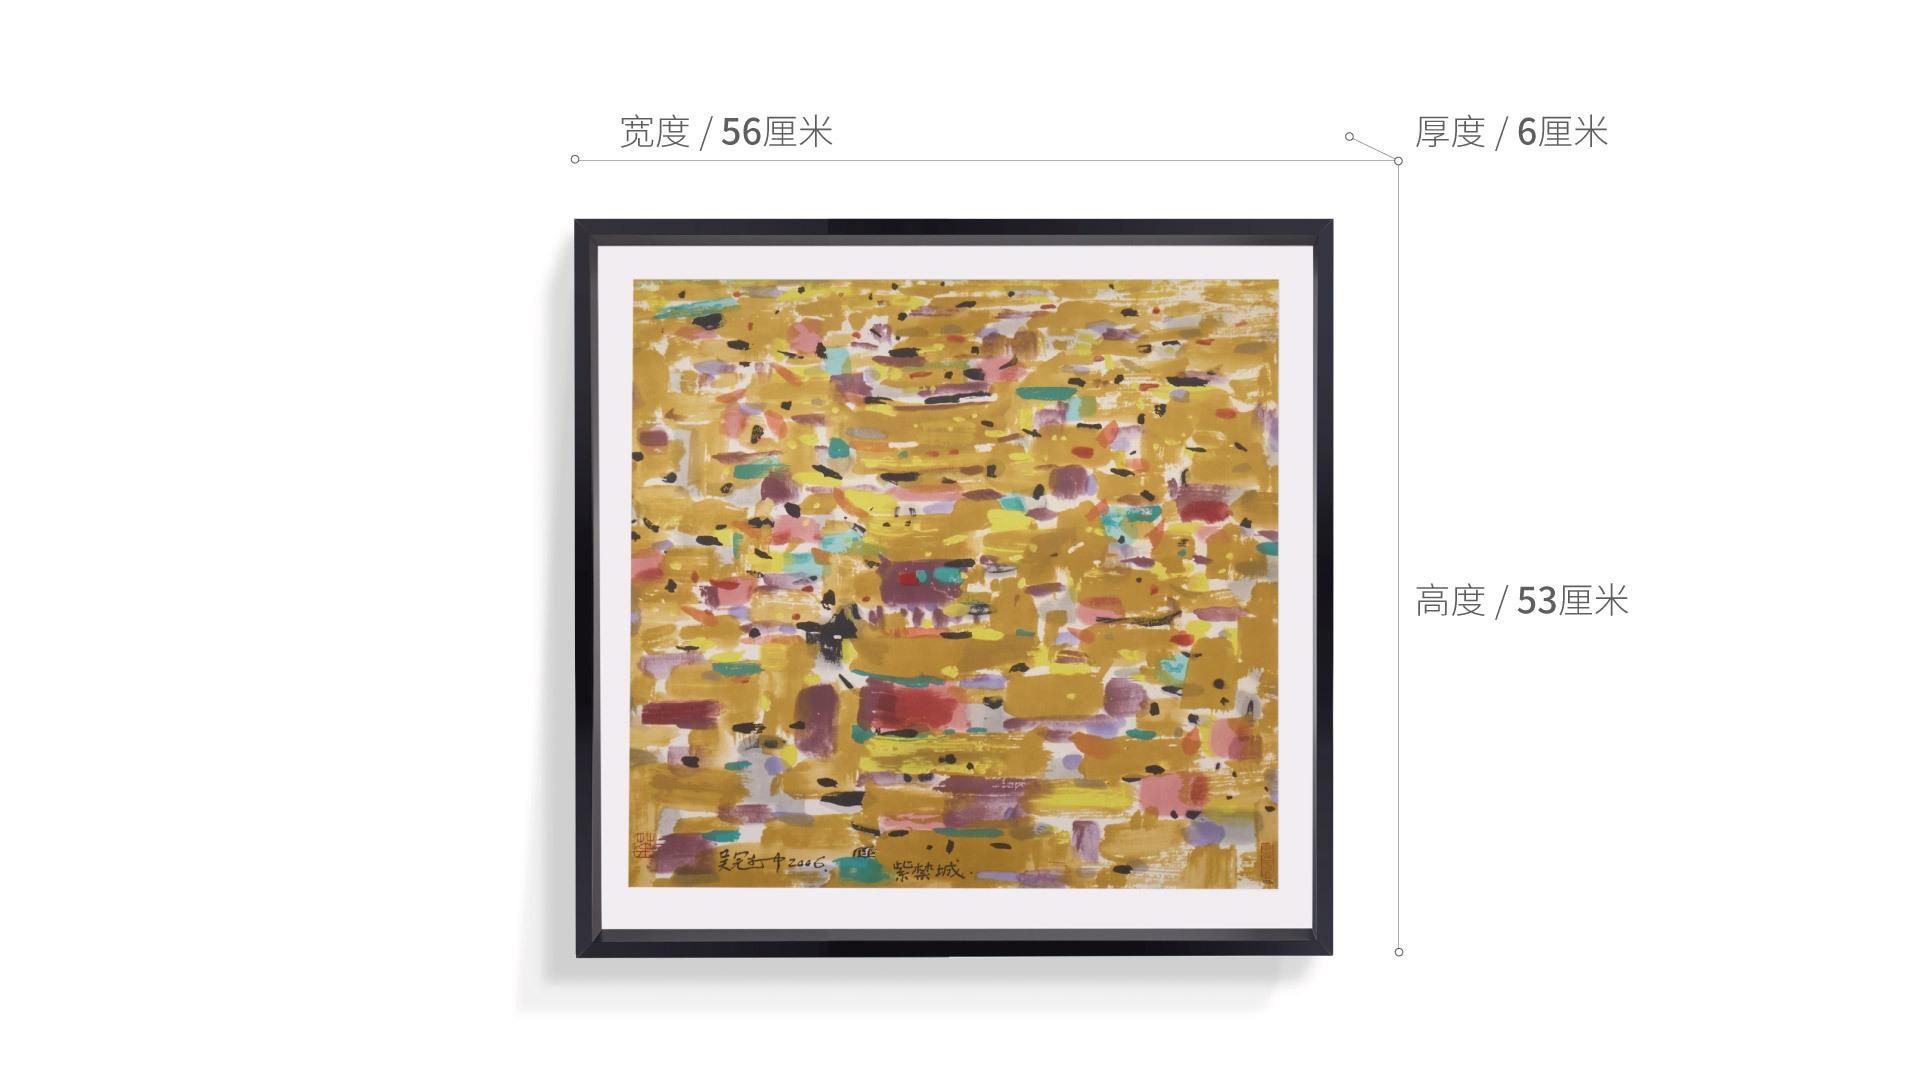 吴冠中系列版画-建筑紫禁城绘画装饰效果图